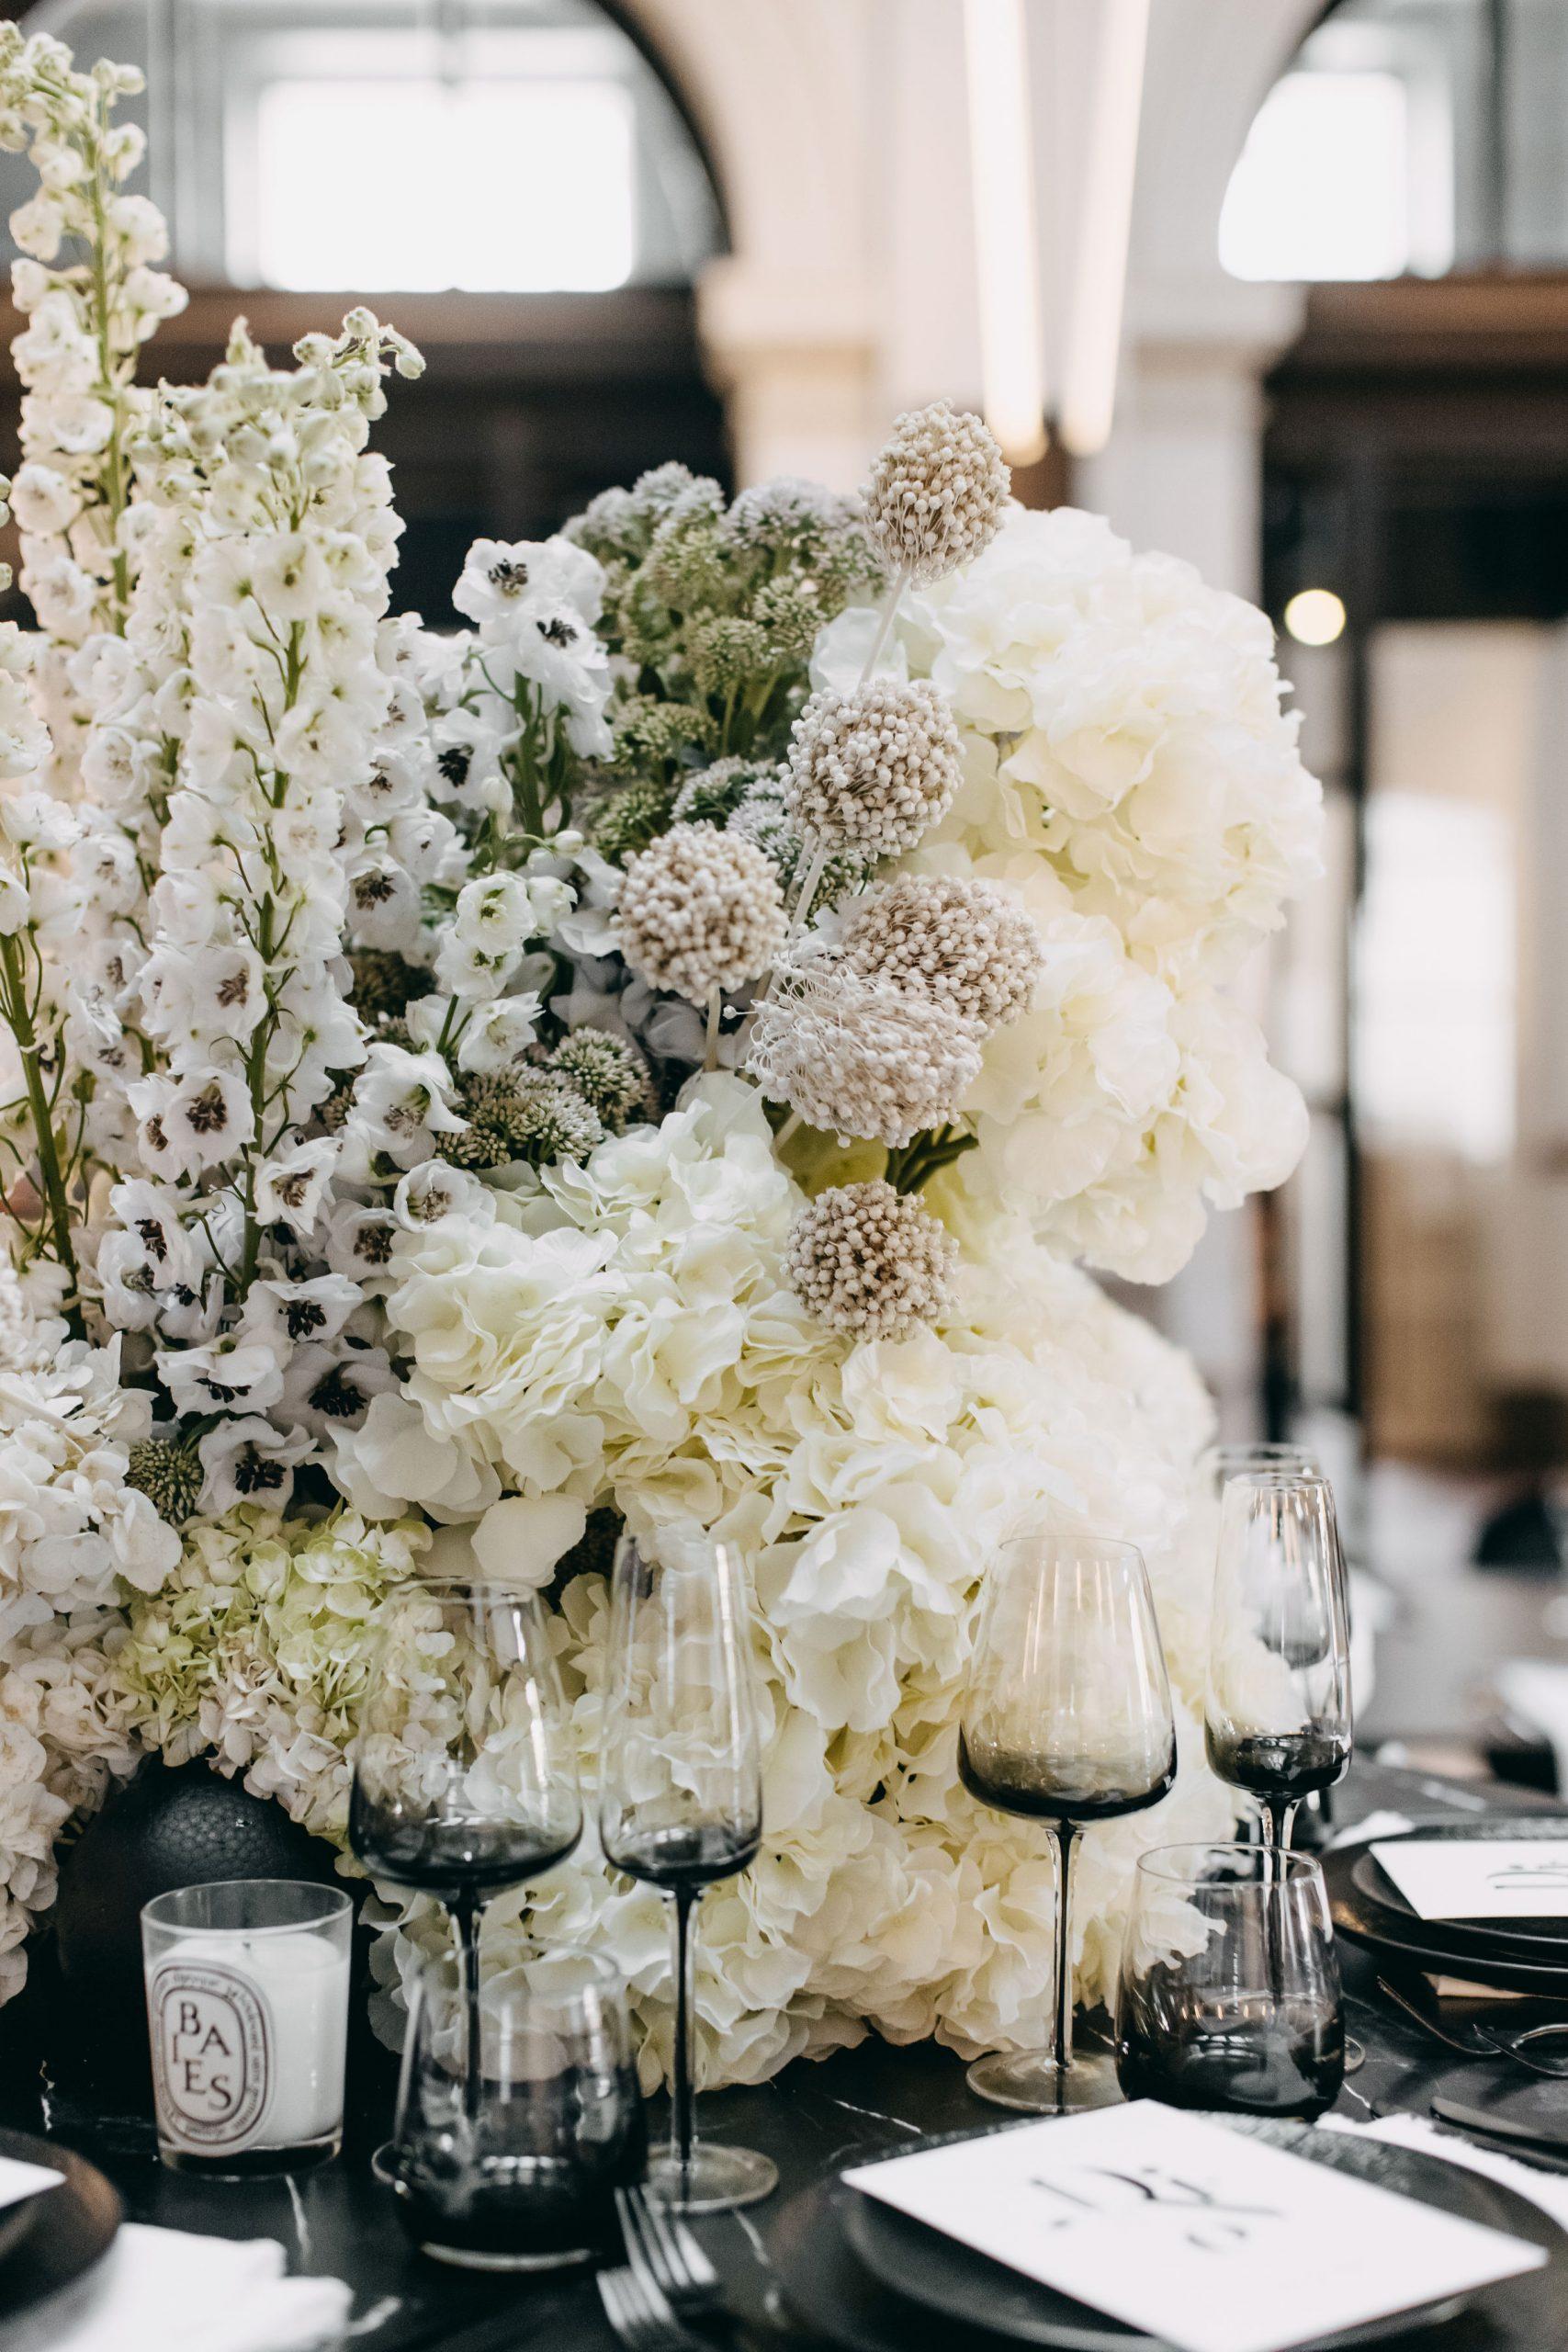 50-WEDDINGOPENDAY-THESTATEBUILDINGS-21FEB2021